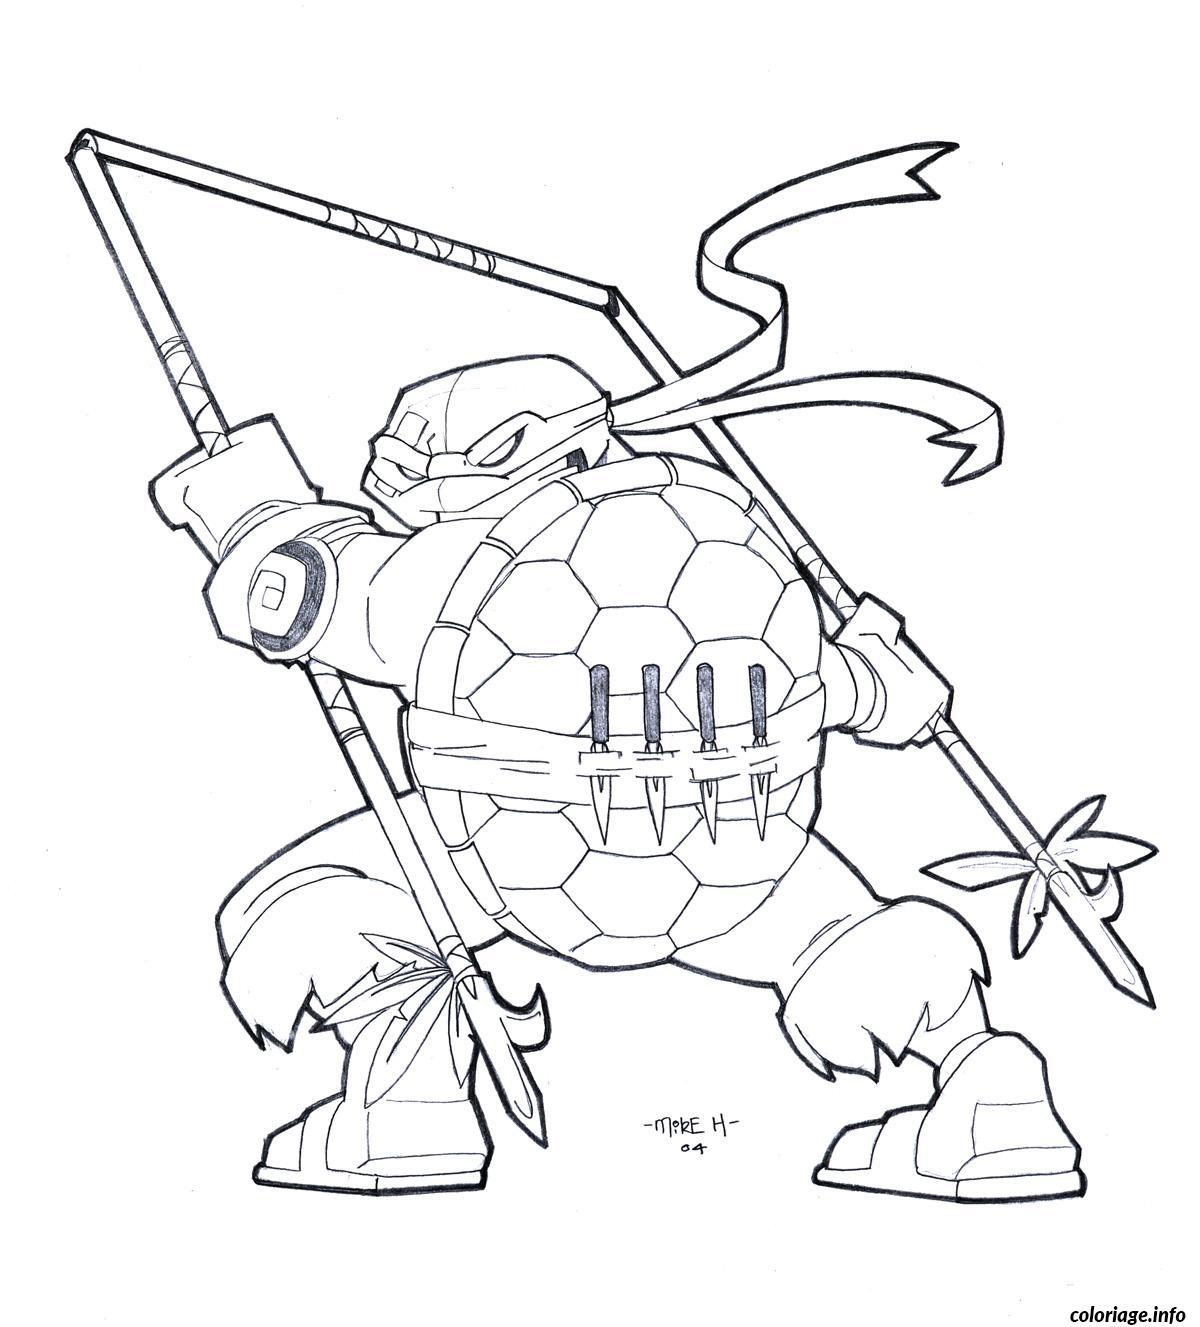 Coloriage tortue ninja nouveau outils de combat - JeColorie.com